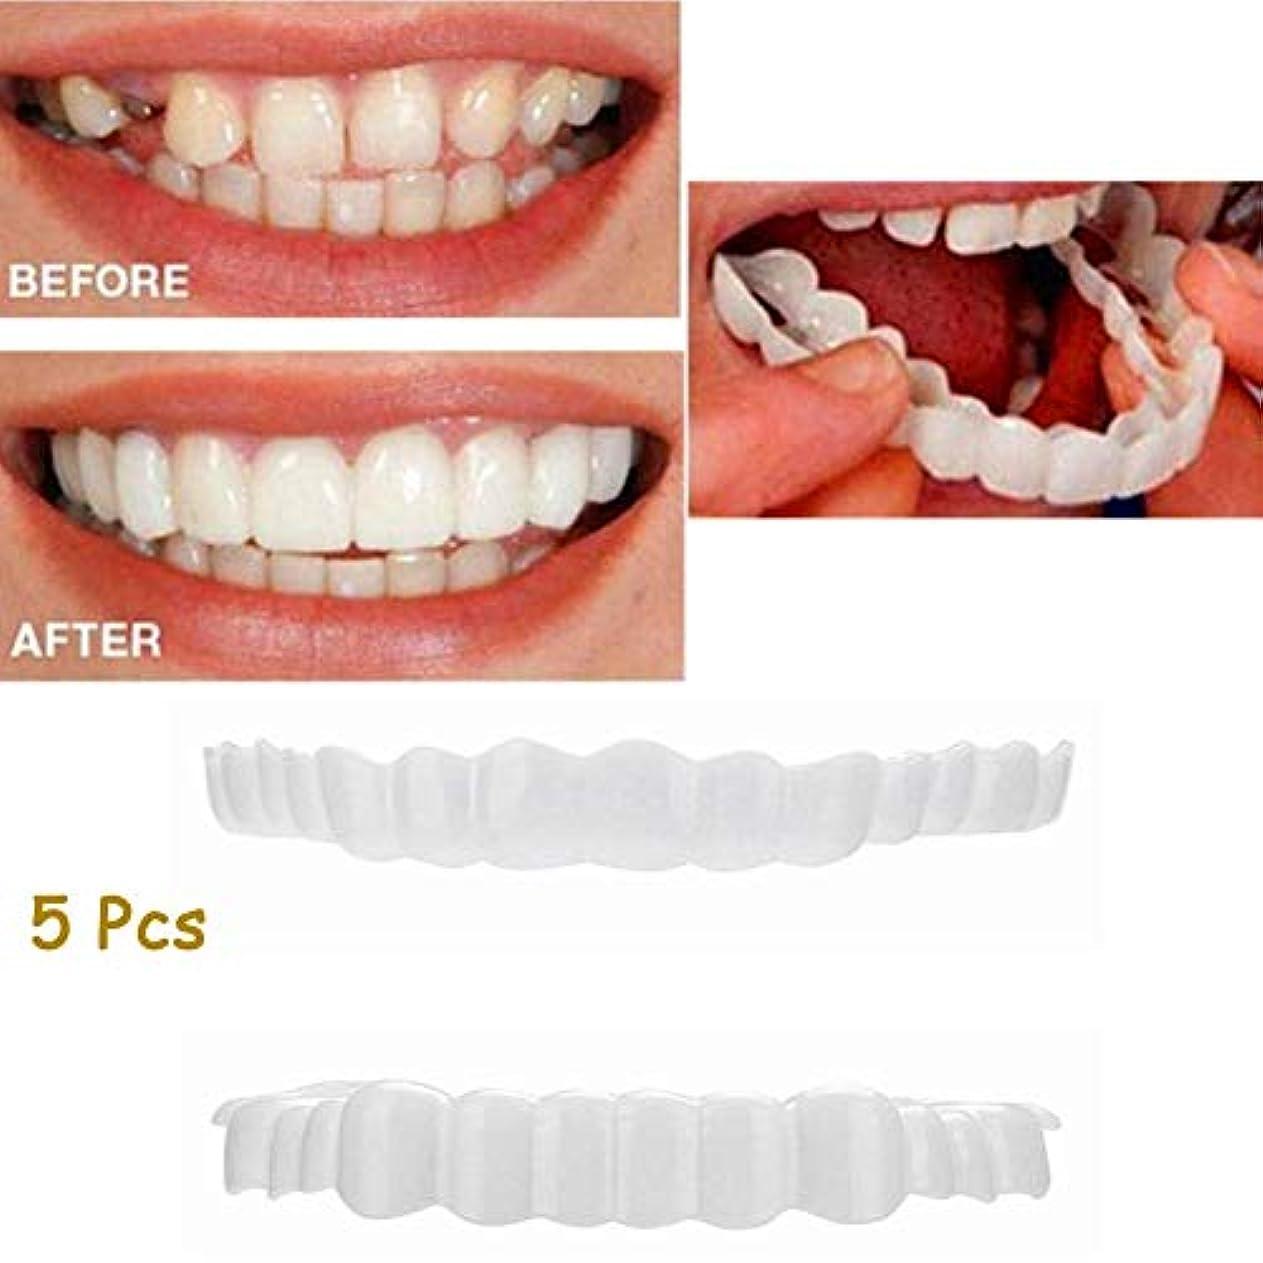 ラジエーターオートサーキュレーション5本の上歯+下歯セット偽の歯を白くする完璧な化粧品の歯